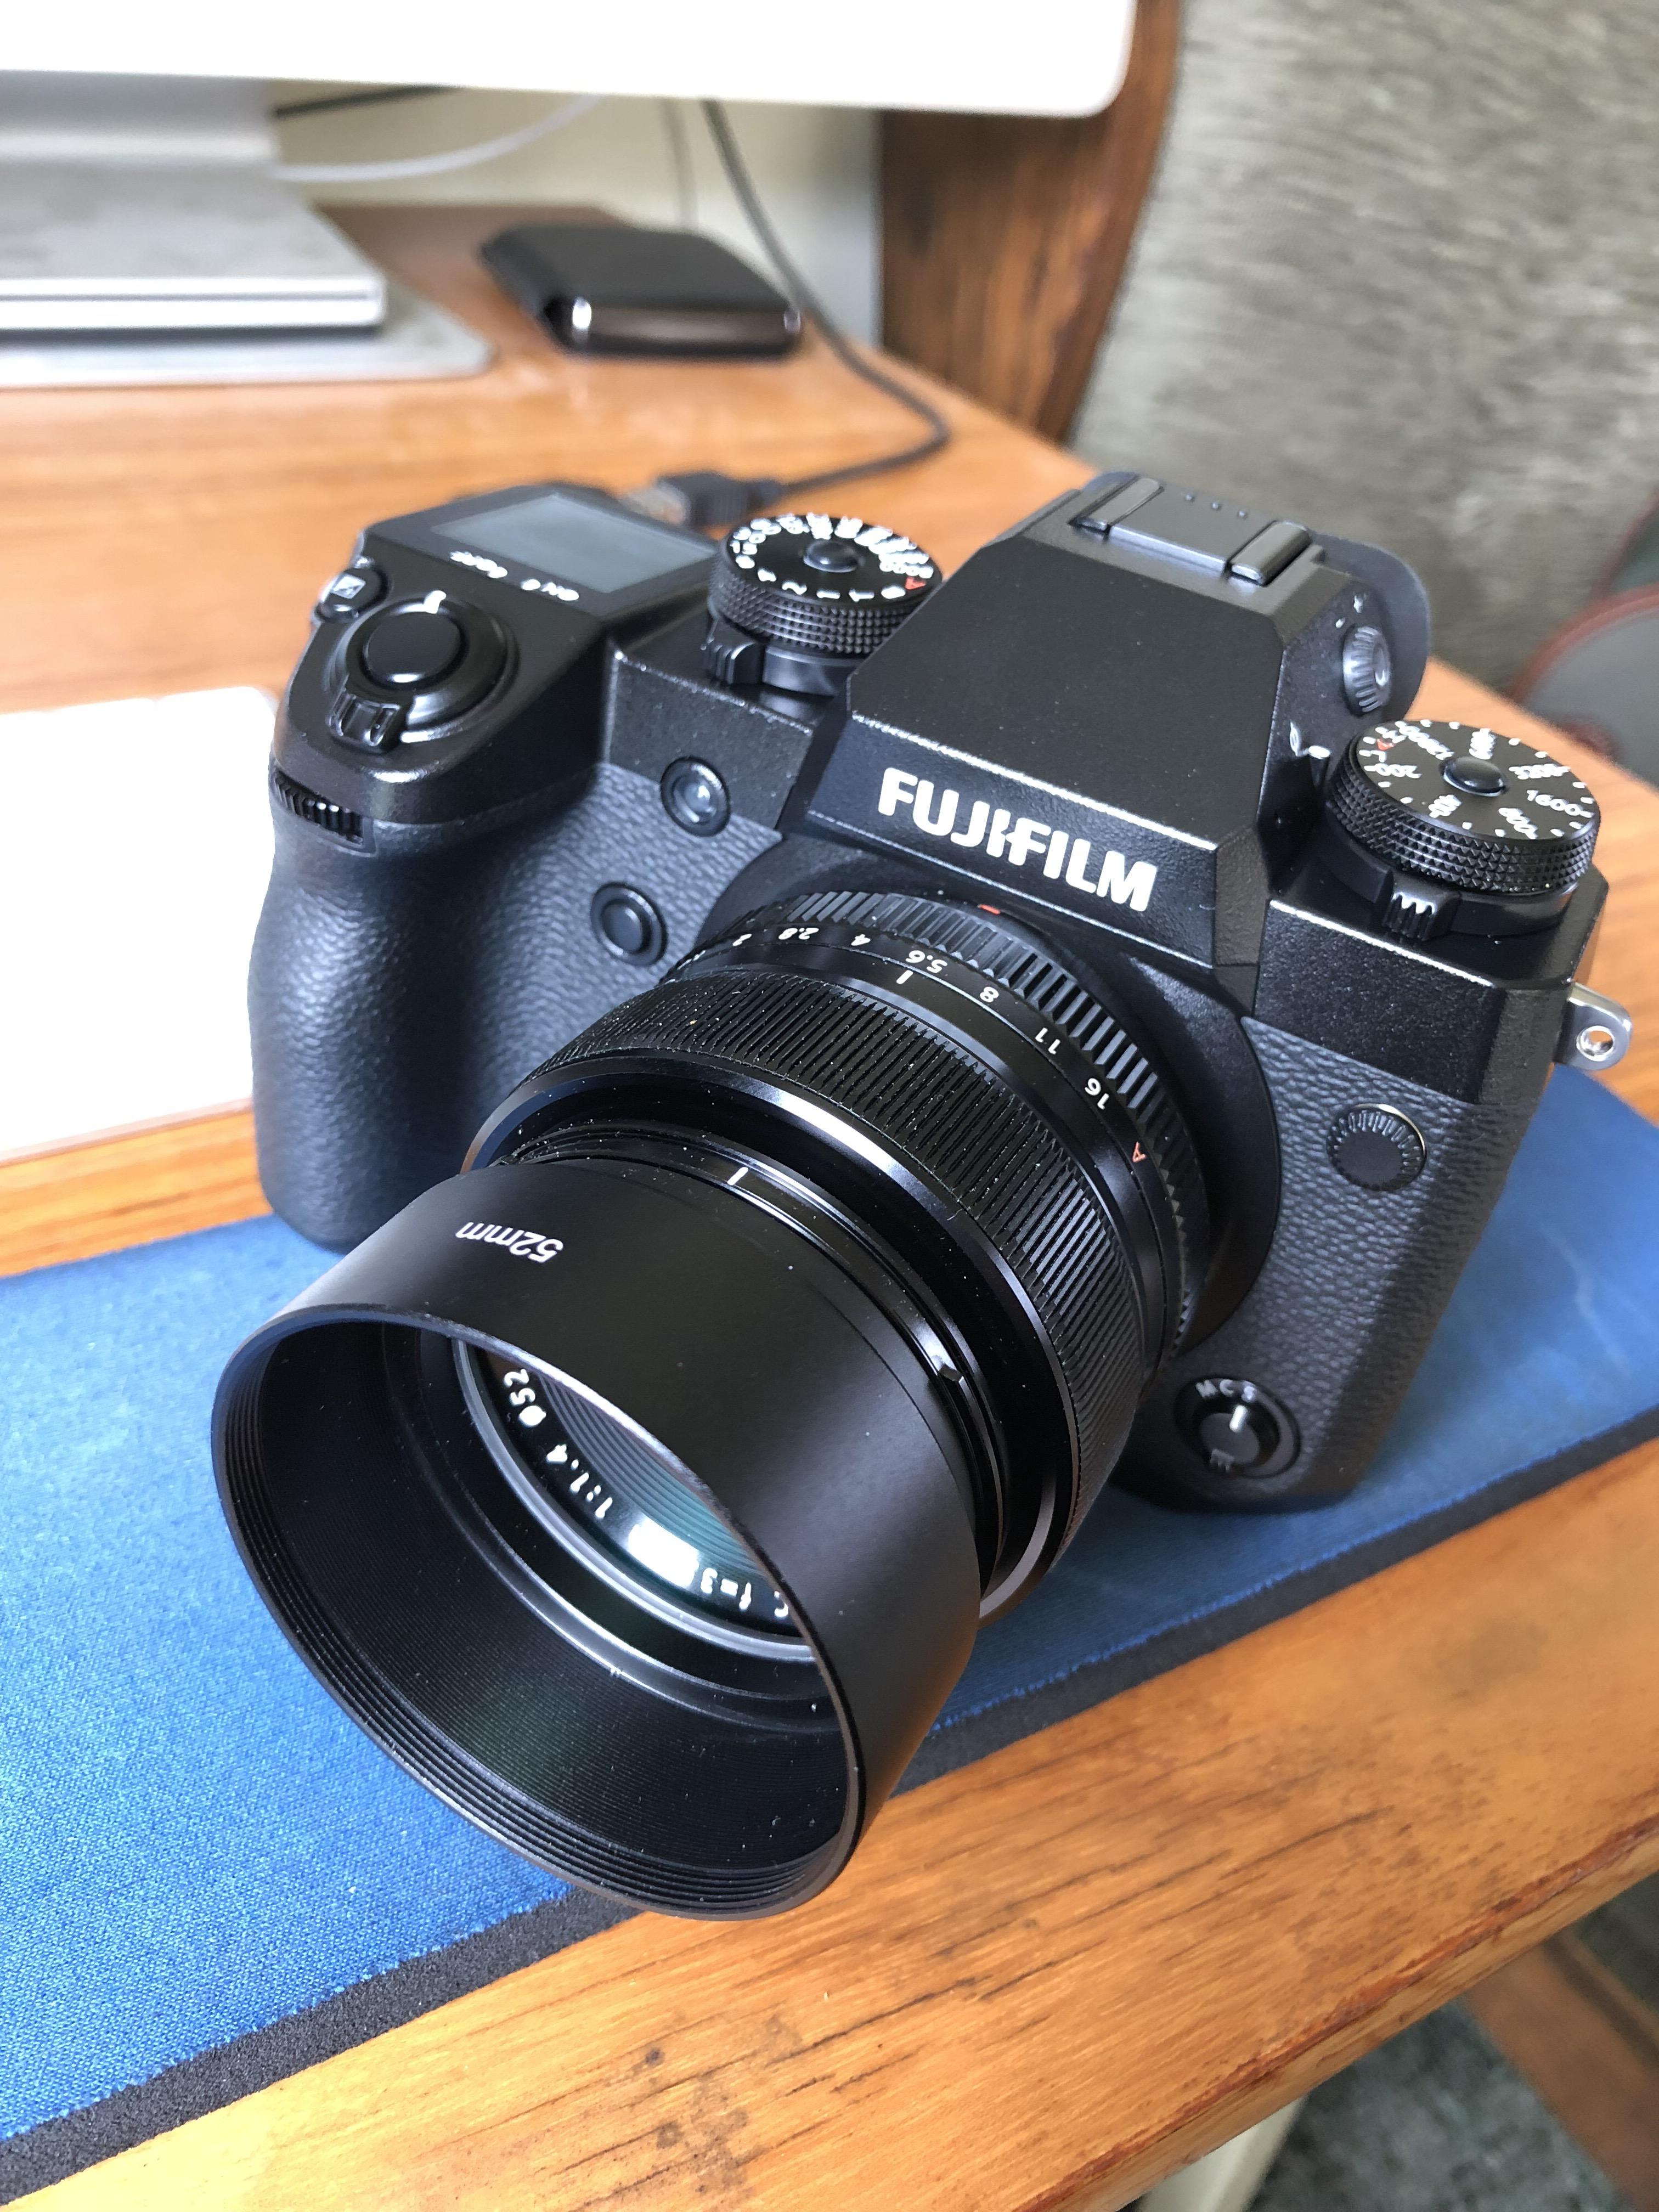 Lens Hood Bargain Fuji Zone Fotozones For Cameras 52mm Screw Mount E7bc671a C44c 4733 Bc1d 5060424731c0jpeg